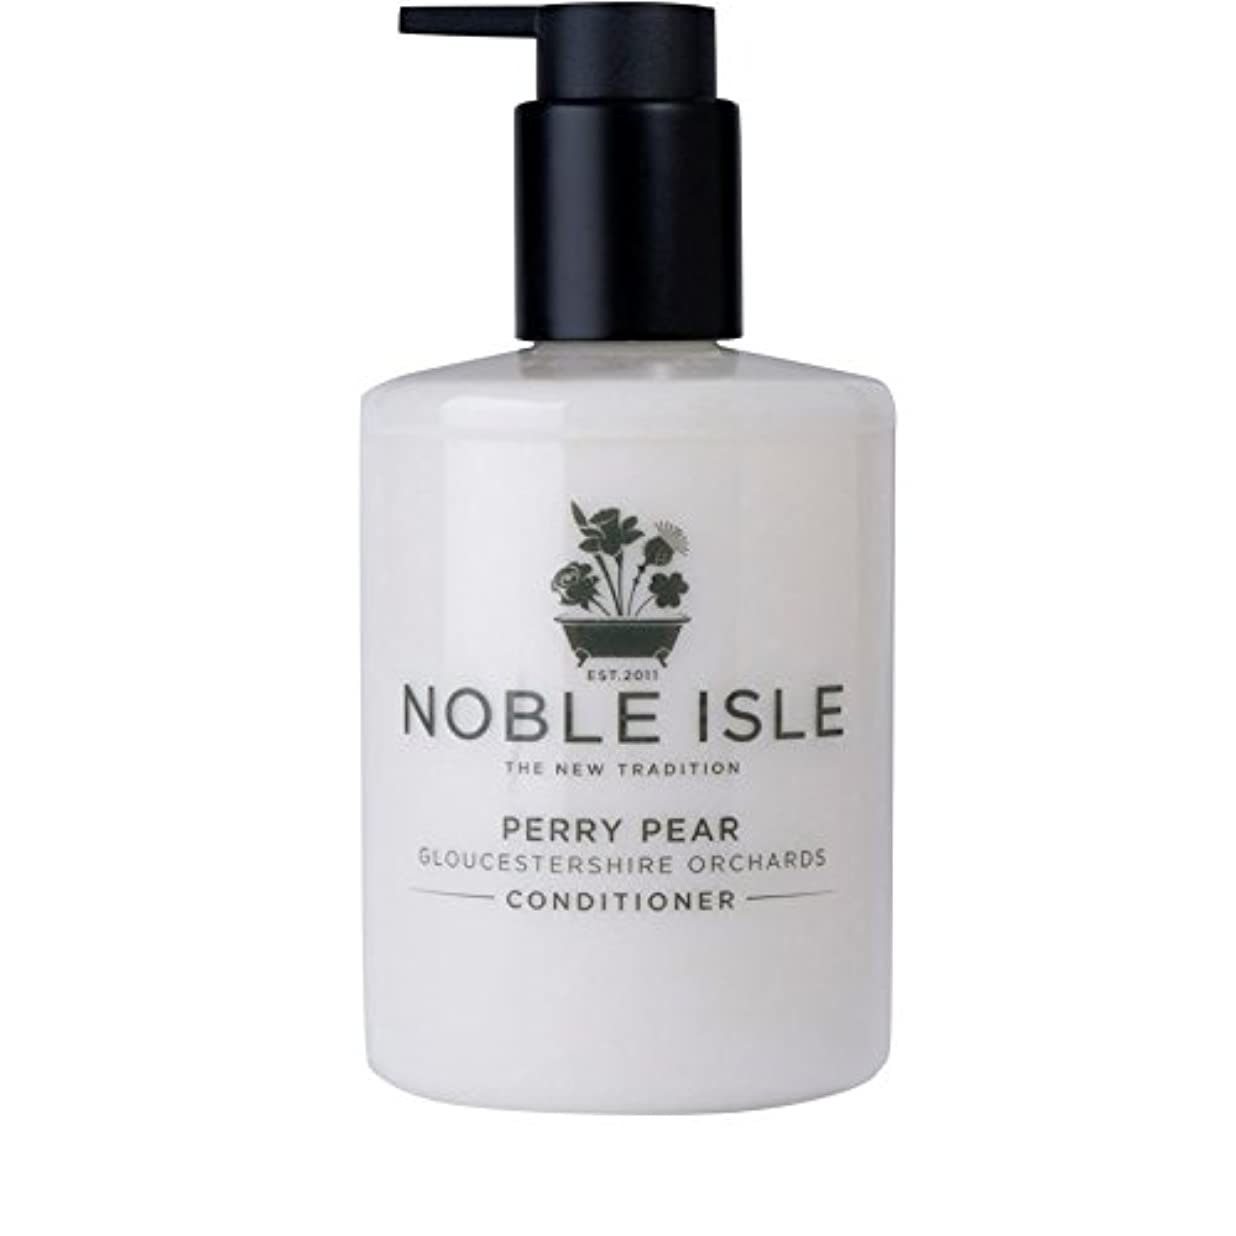 アセンブリ素晴らしいです著作権高貴な島ペリー梨グロスターシャー州の果樹園コンディショナー250ミリリットル x2 - Noble Isle Perry Pear Gloucestershire Orchards Conditioner 250ml (...